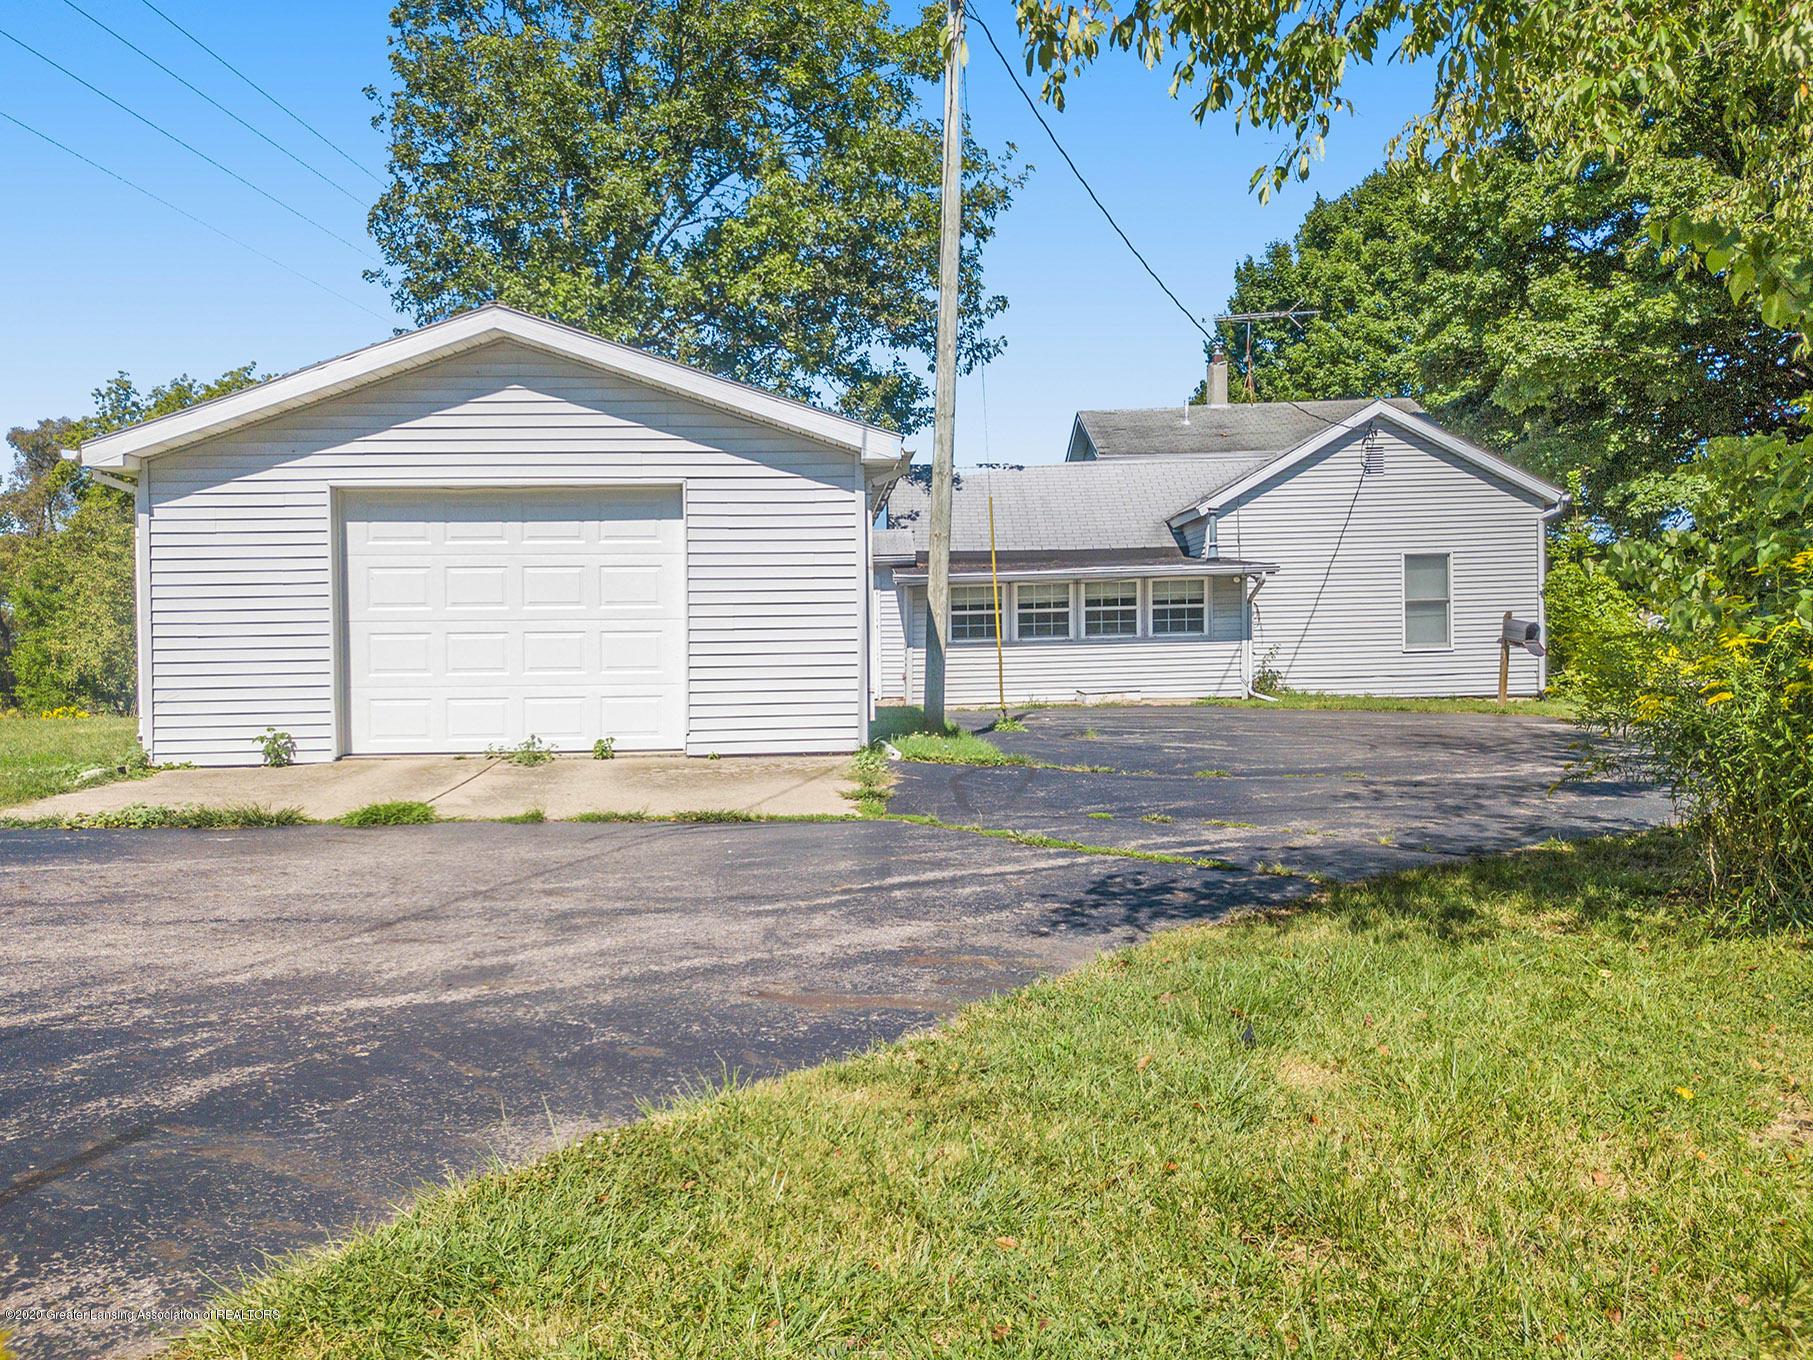 9878 Kinneville Rd - 8 - 21